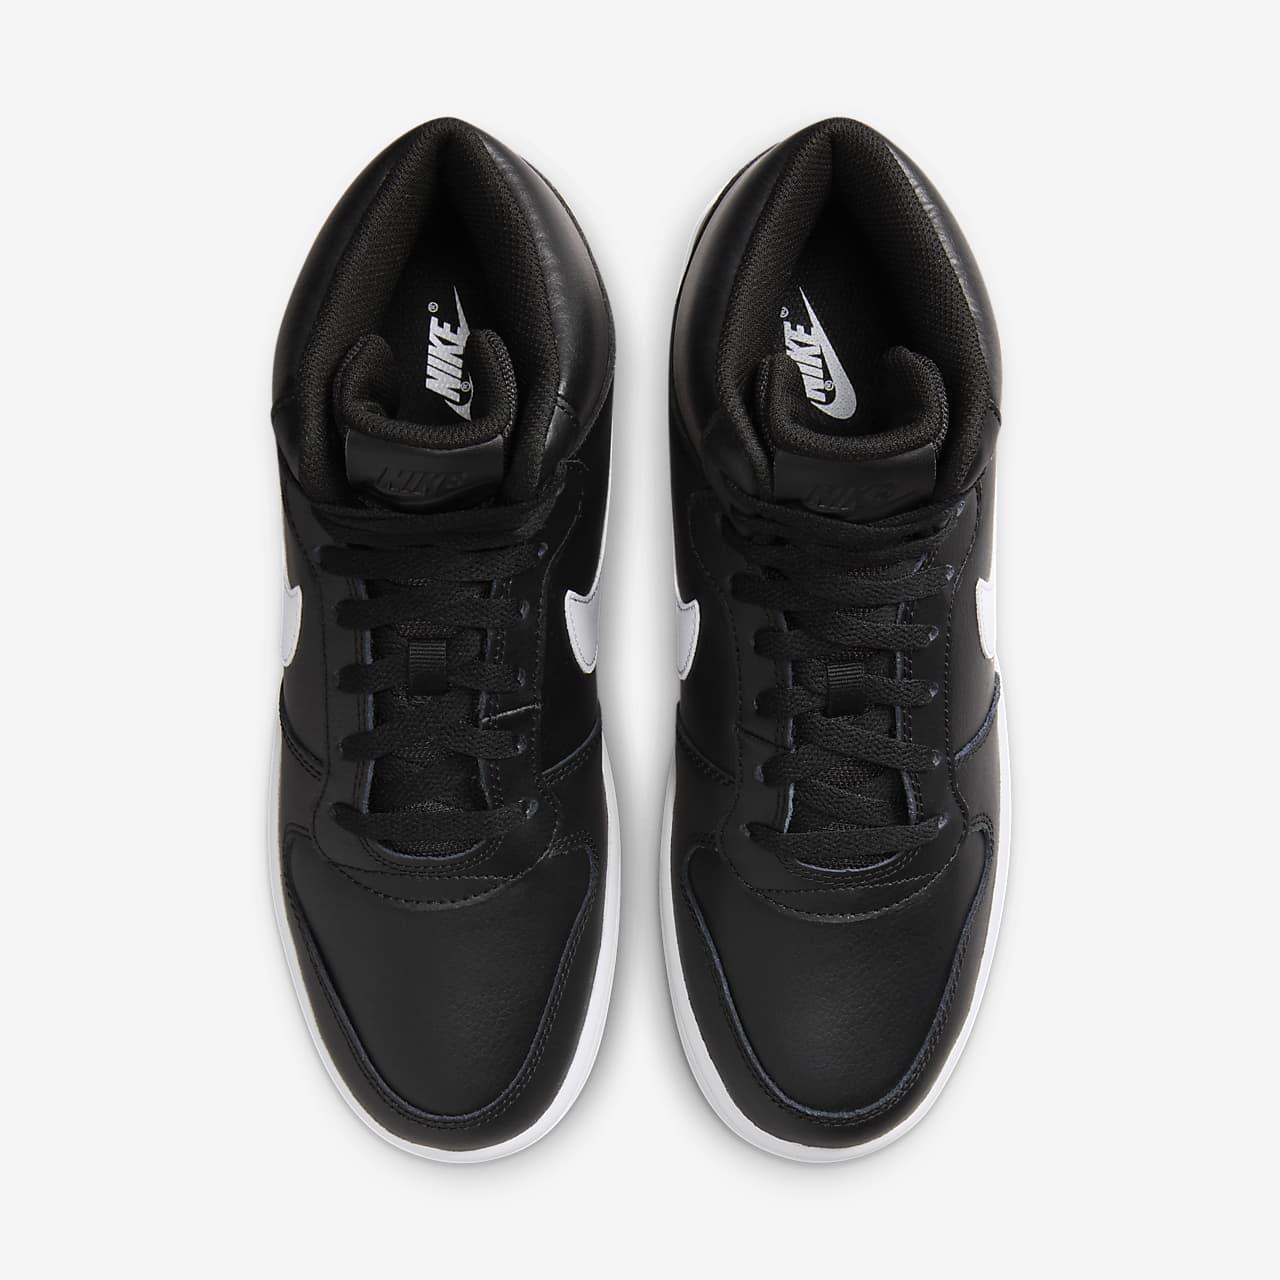 NIKE Ebernon Mid Herren Sneaker Weiß Schuhe, Größe:43